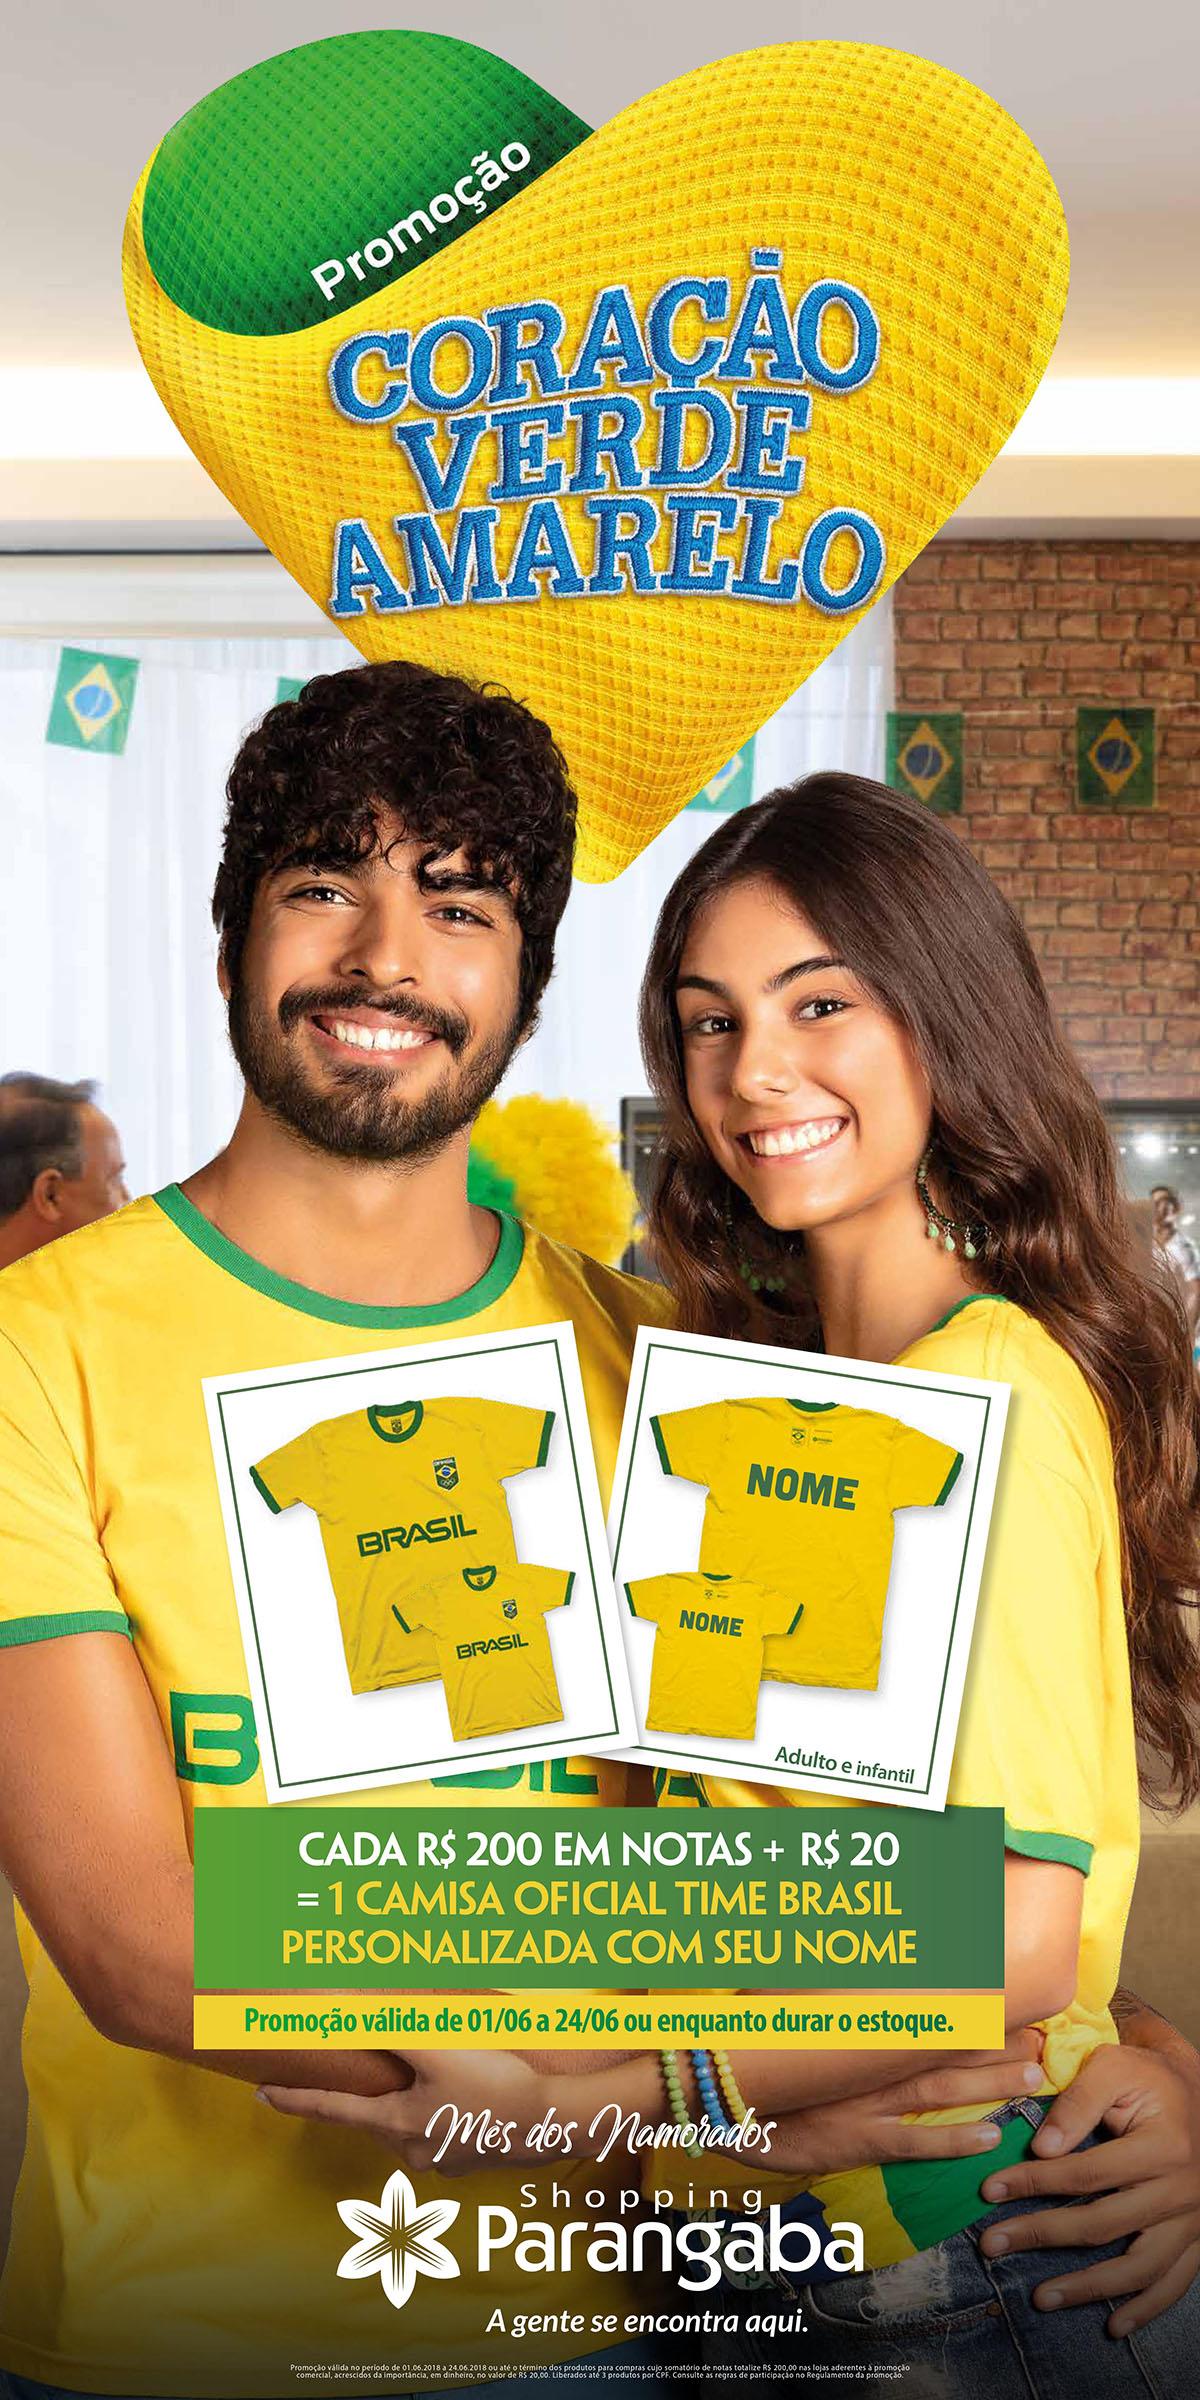 Coração Verde Amarelo  Campanha promocional presenteia casais com ... 943eb3d83d6df